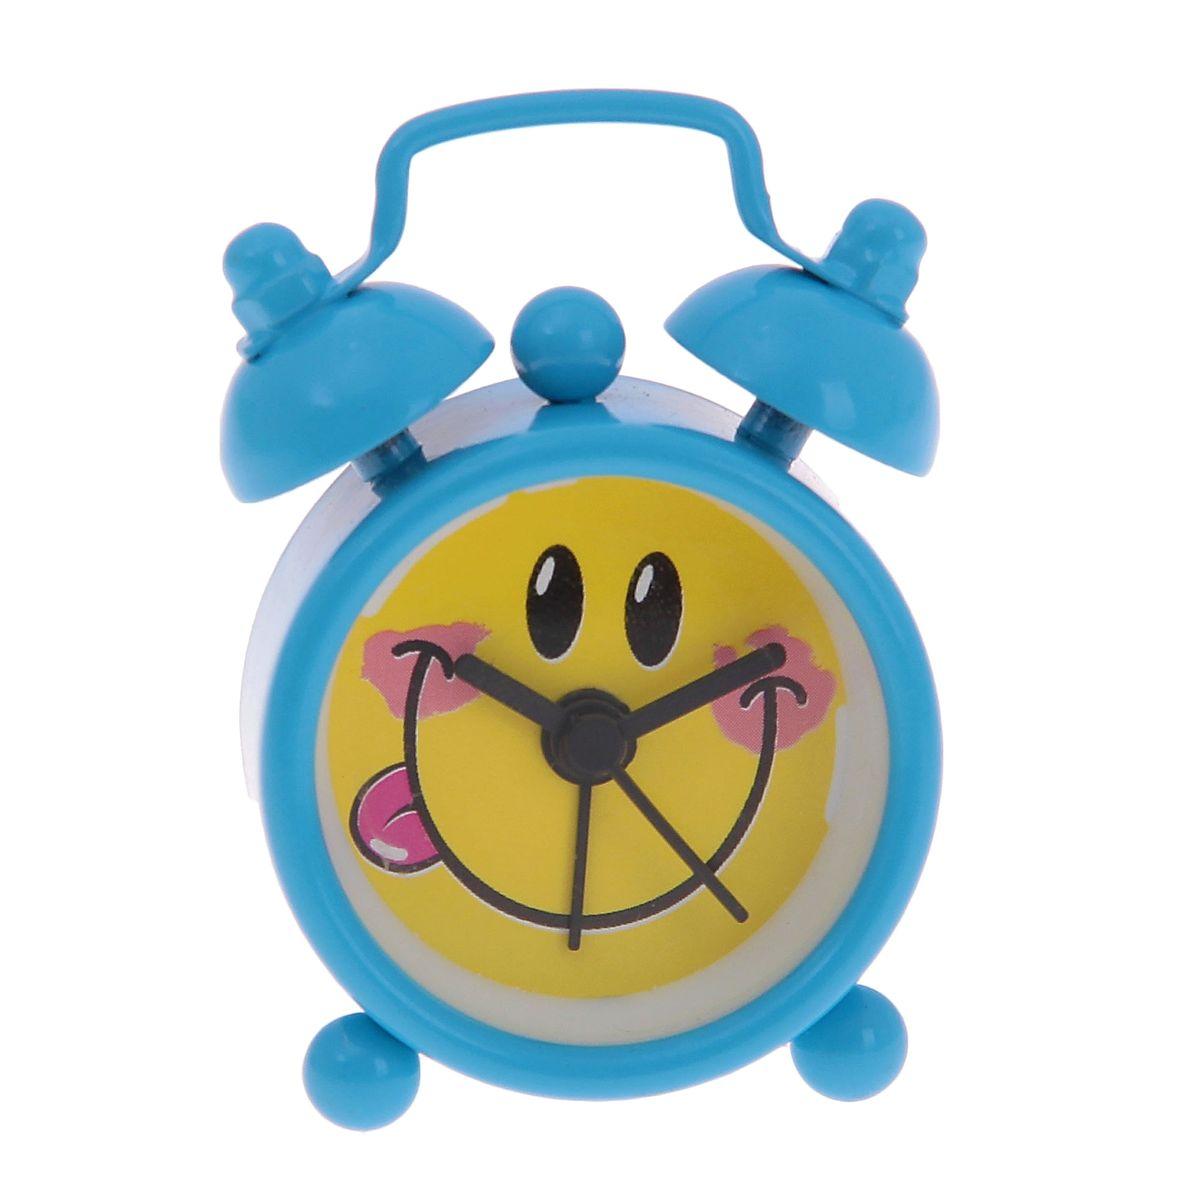 Часы-будильник Sima-land Смайлик, цвет: голубой872923Как же сложно иногда вставать вовремя! Всегда так хочется поспать еще хотя бы 5 минут и бывает, что мы просыпаем. Теперь этого не случится! Яркий, оригинальный будильник Sima-land Смайлик поможет вам всегда вставать в нужное время и успевать везде и всюду. Будильник украсит вашу комнату и приведет в восхищение друзей. Эта уменьшенная версия привычного будильника умещается на ладони и работает так же громко, как и привычные аналоги. Время показывает точно и будит в установленный час. На задней панели будильника расположены переключатель включения/выключения механизма, а также два колесика для настройки текущего времени и времени звонка будильника. Будильник работает от 1 батарейки типа LR44 (входит в комплект).